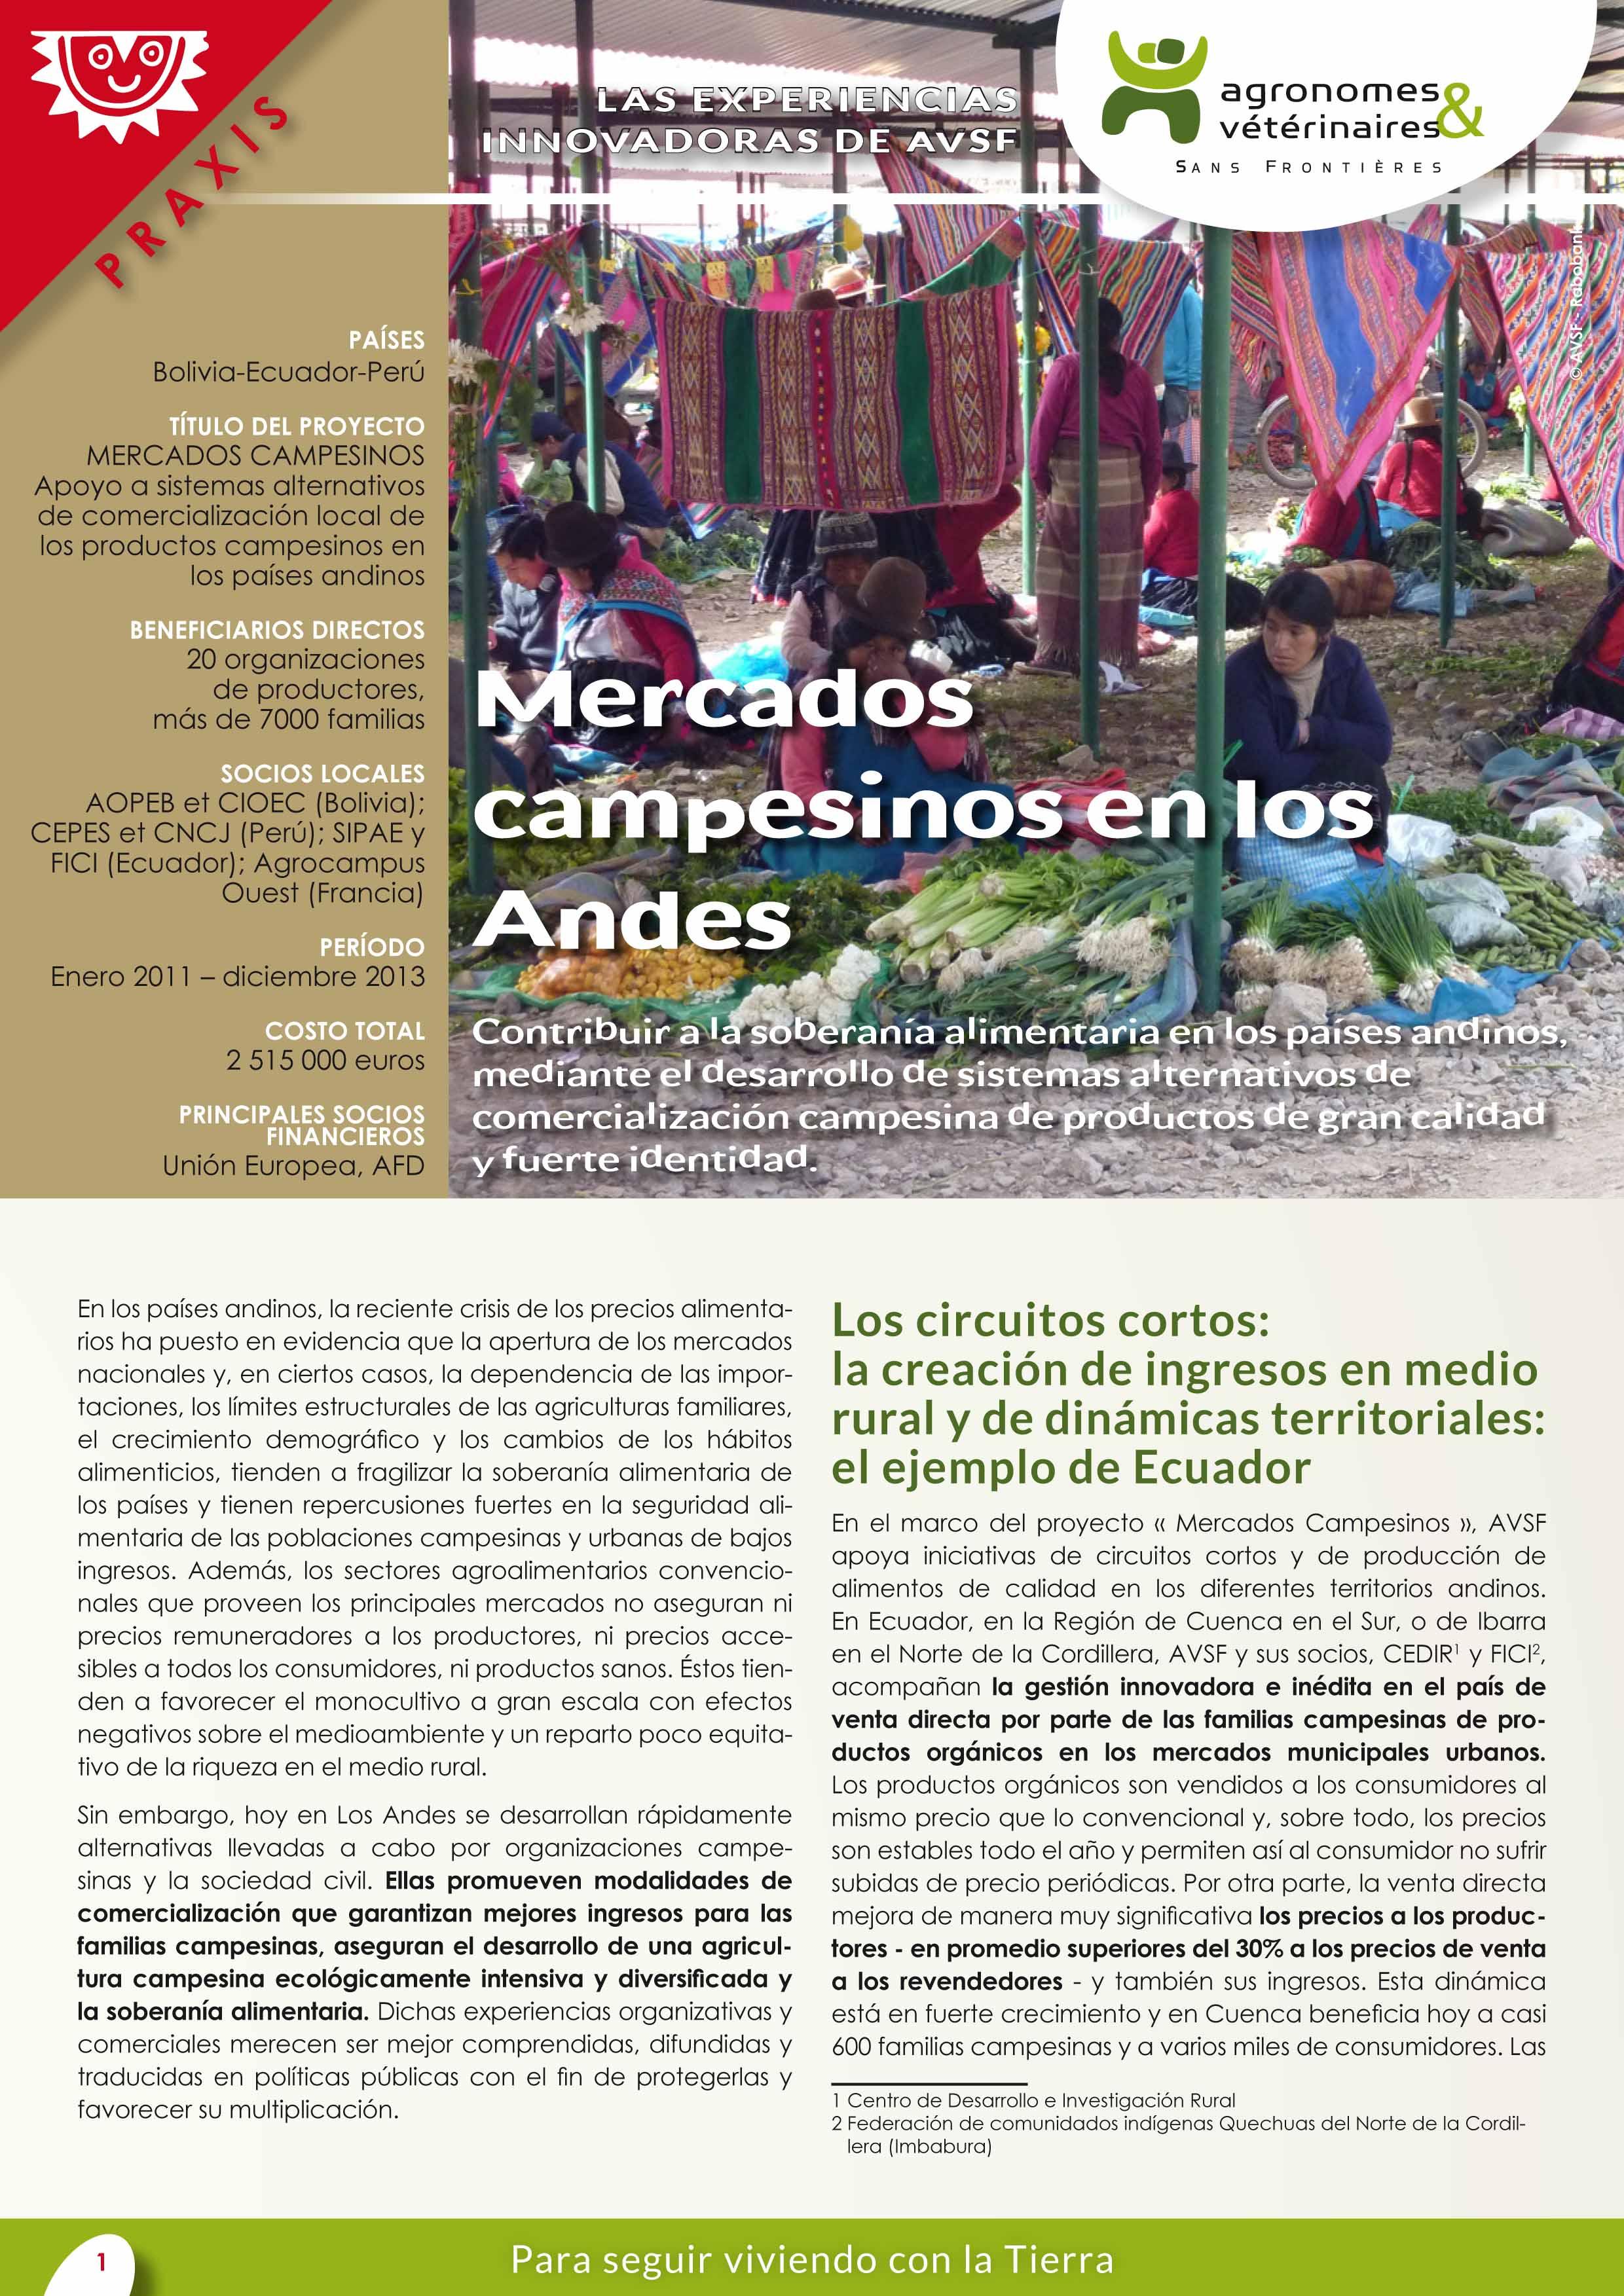 Las experiencias innovadoras de AVSF: Mercados campesinos en los Andes Image principale